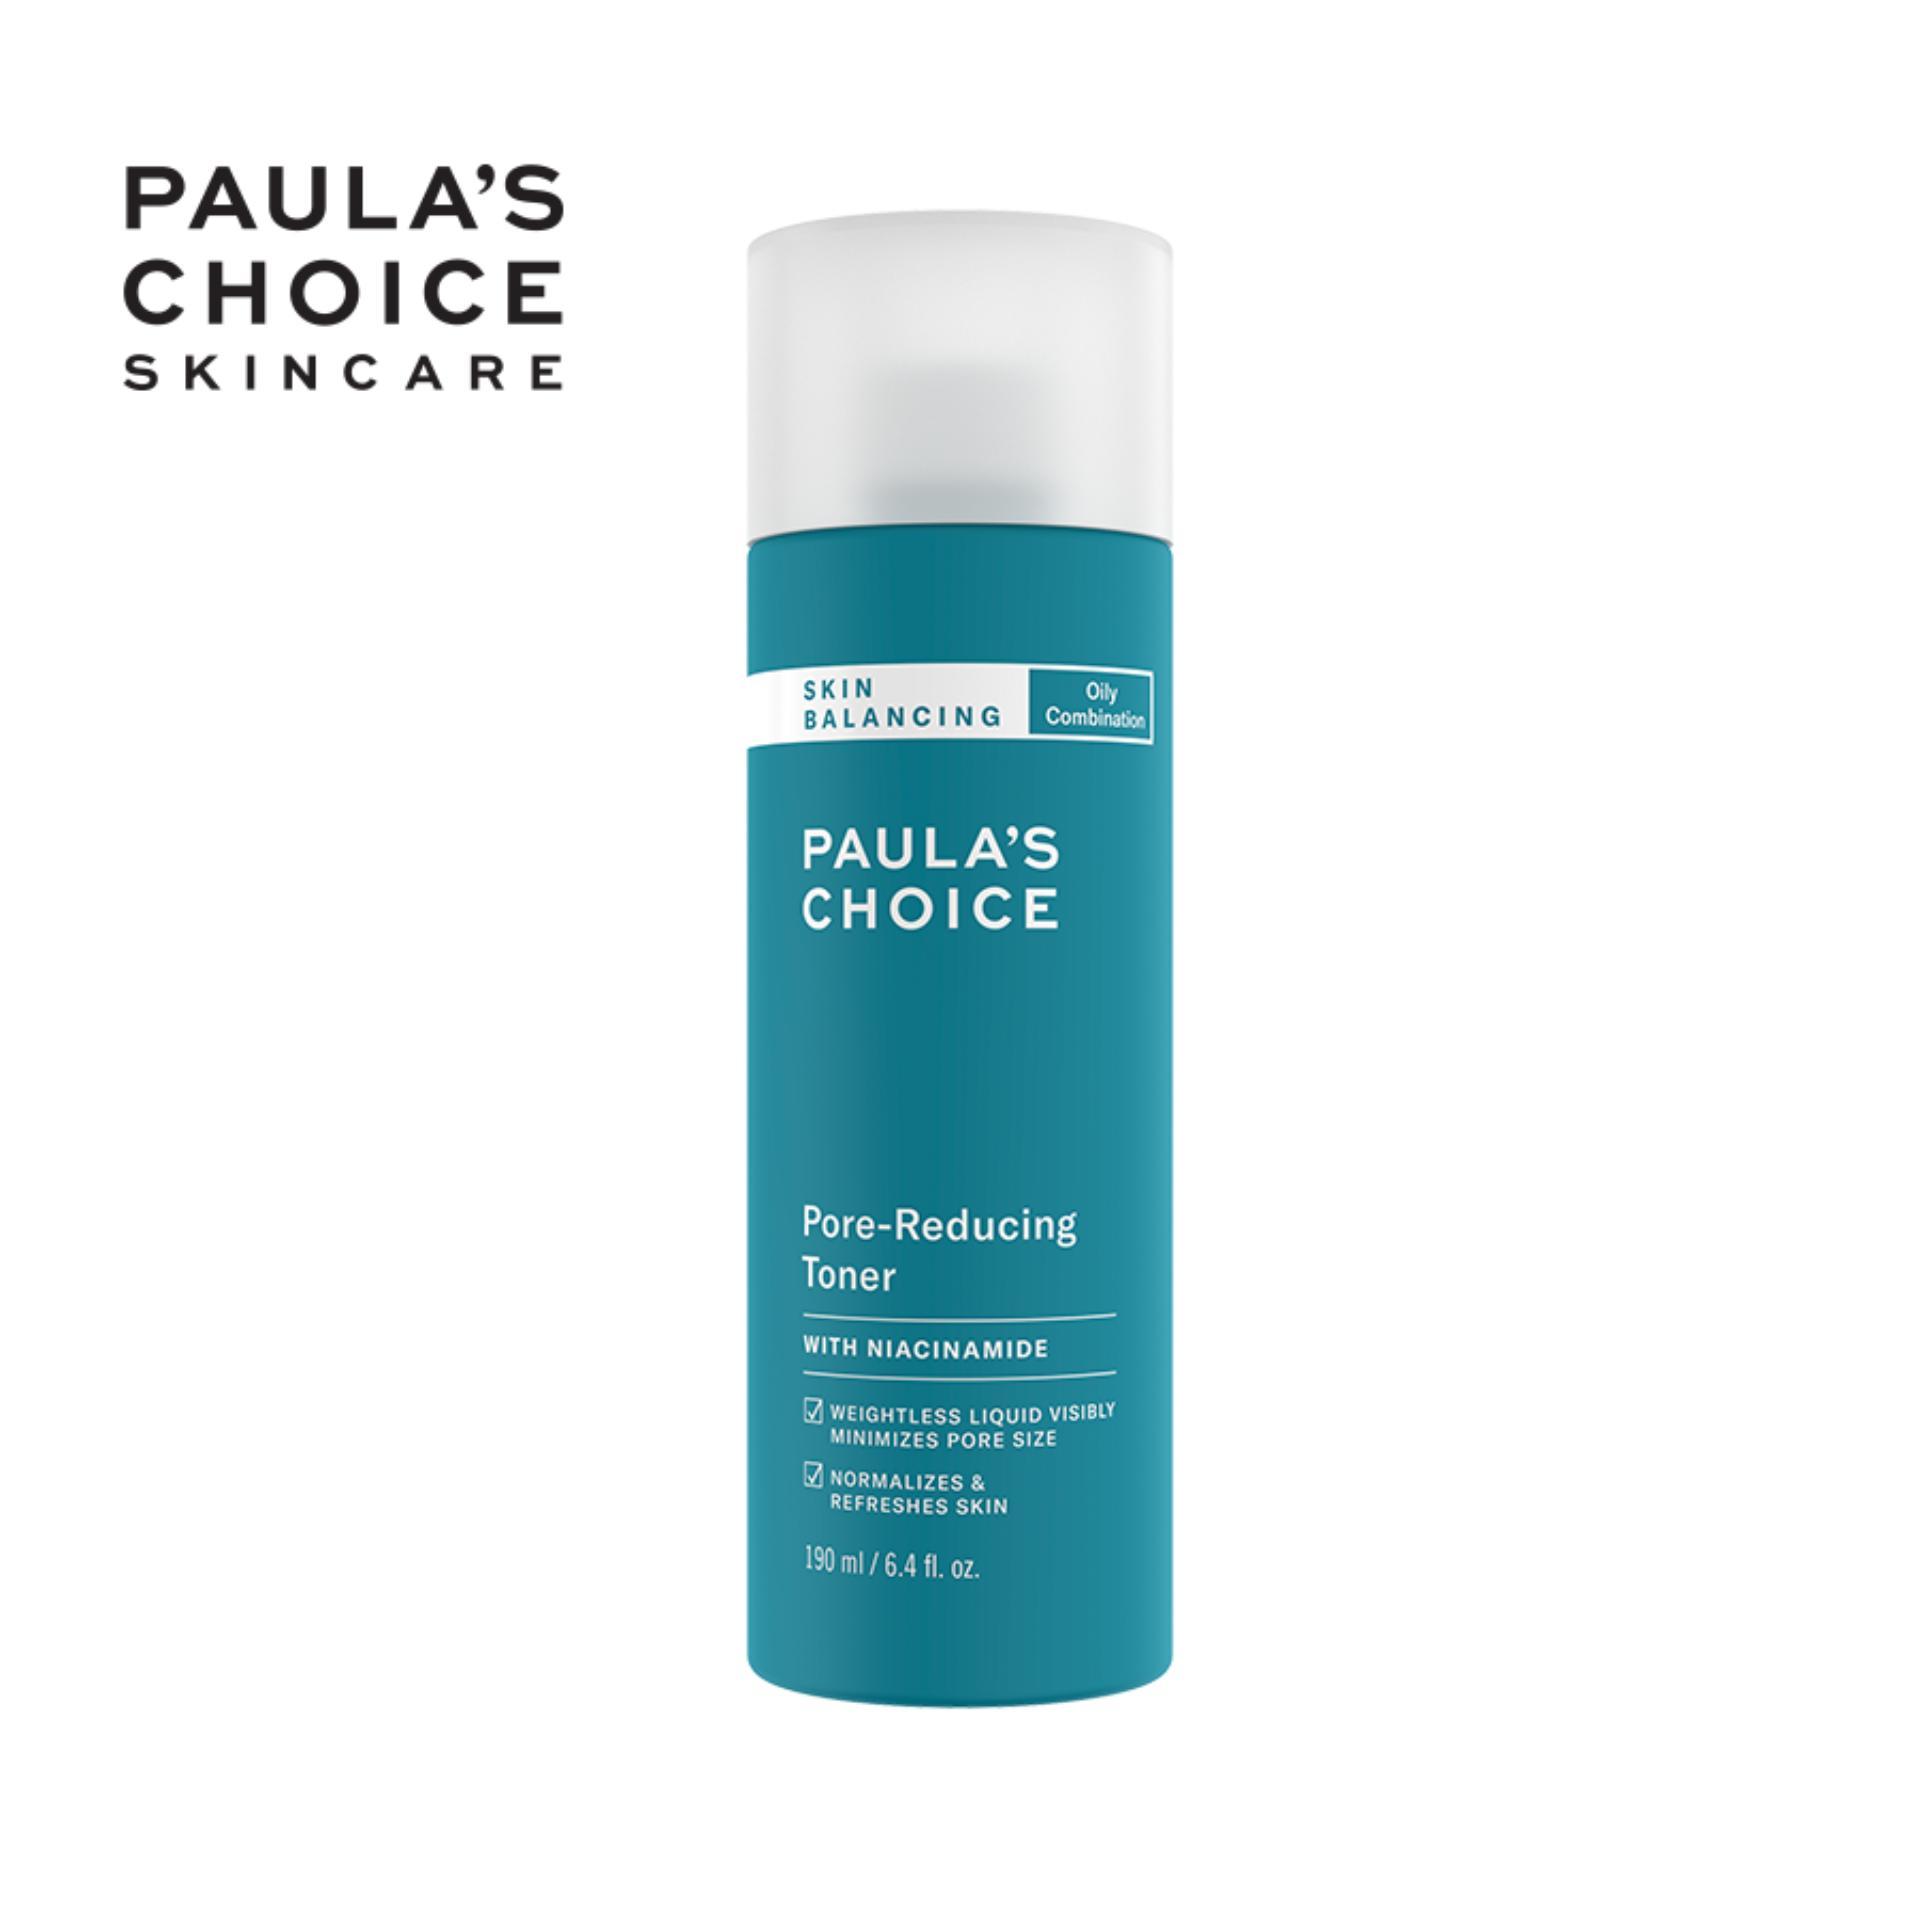 Nước Cân Bằng và Điều Chỉnh Lỗ Chân Lông Paula's Choice Skin Balancing Pore Reducing Toner 190ml 1350 nhập khẩu